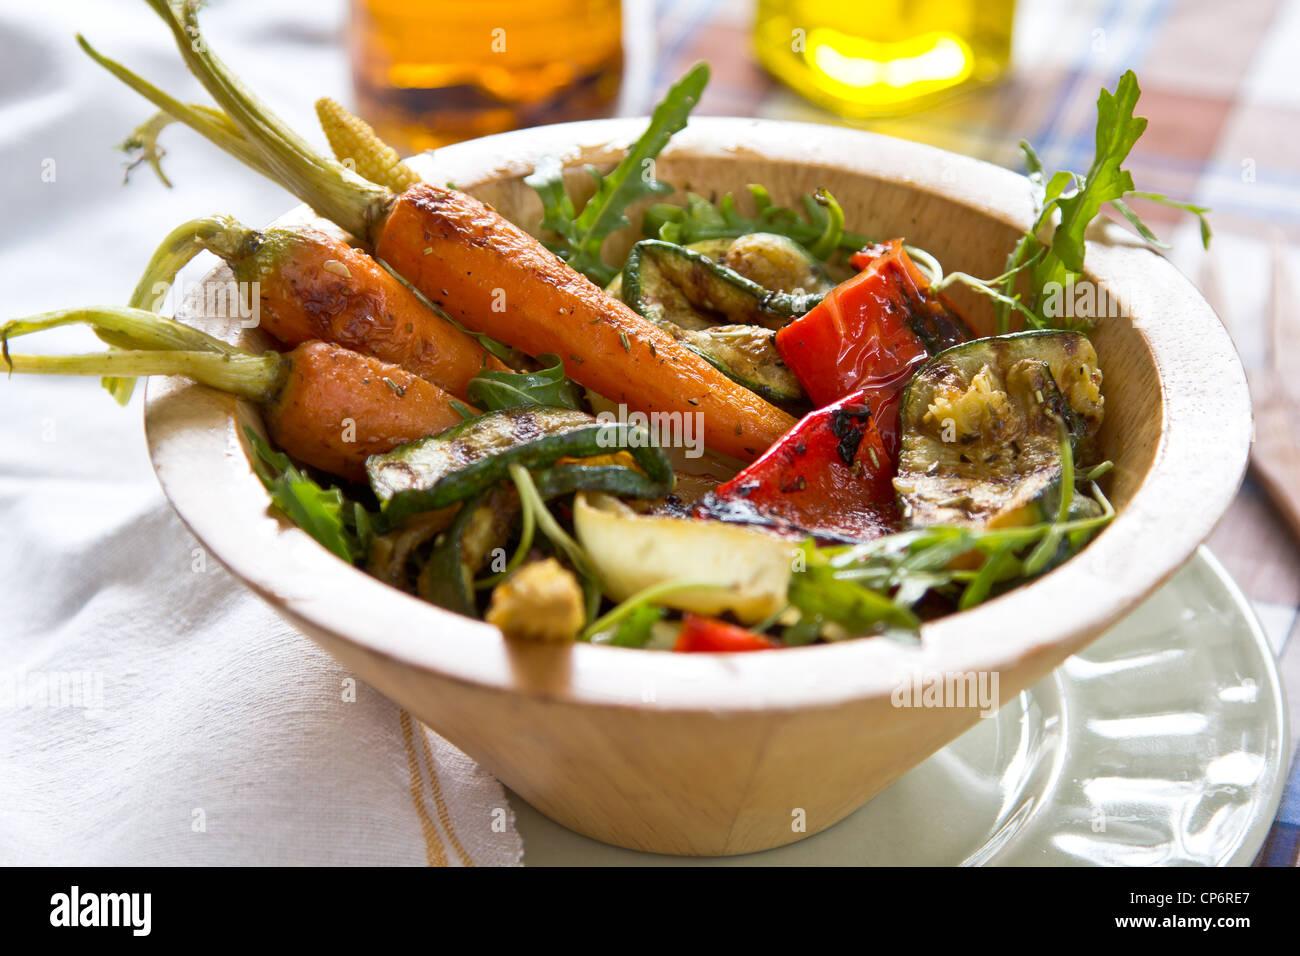 Verdure grigliate insalata Immagini Stock